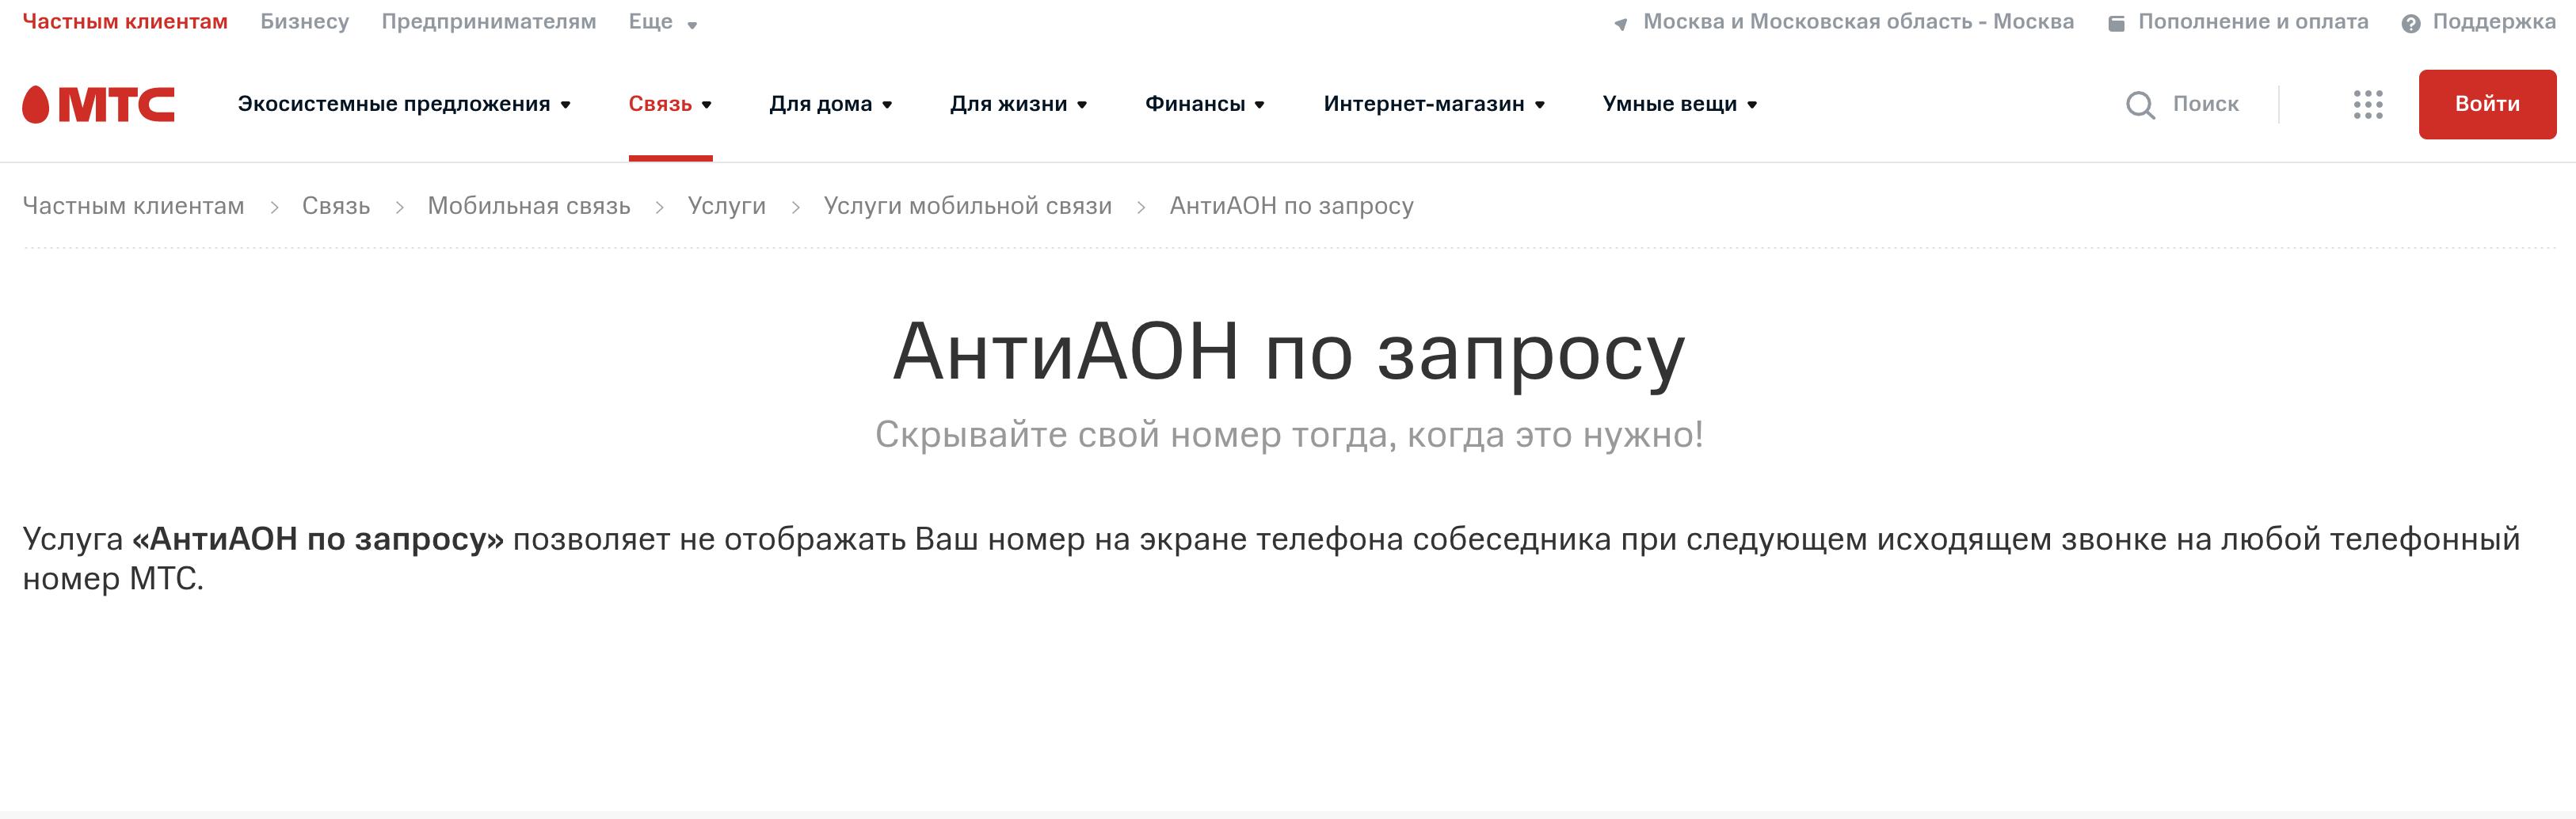 услуга «АнтиАОН» и «АнтиАОН по запросу»